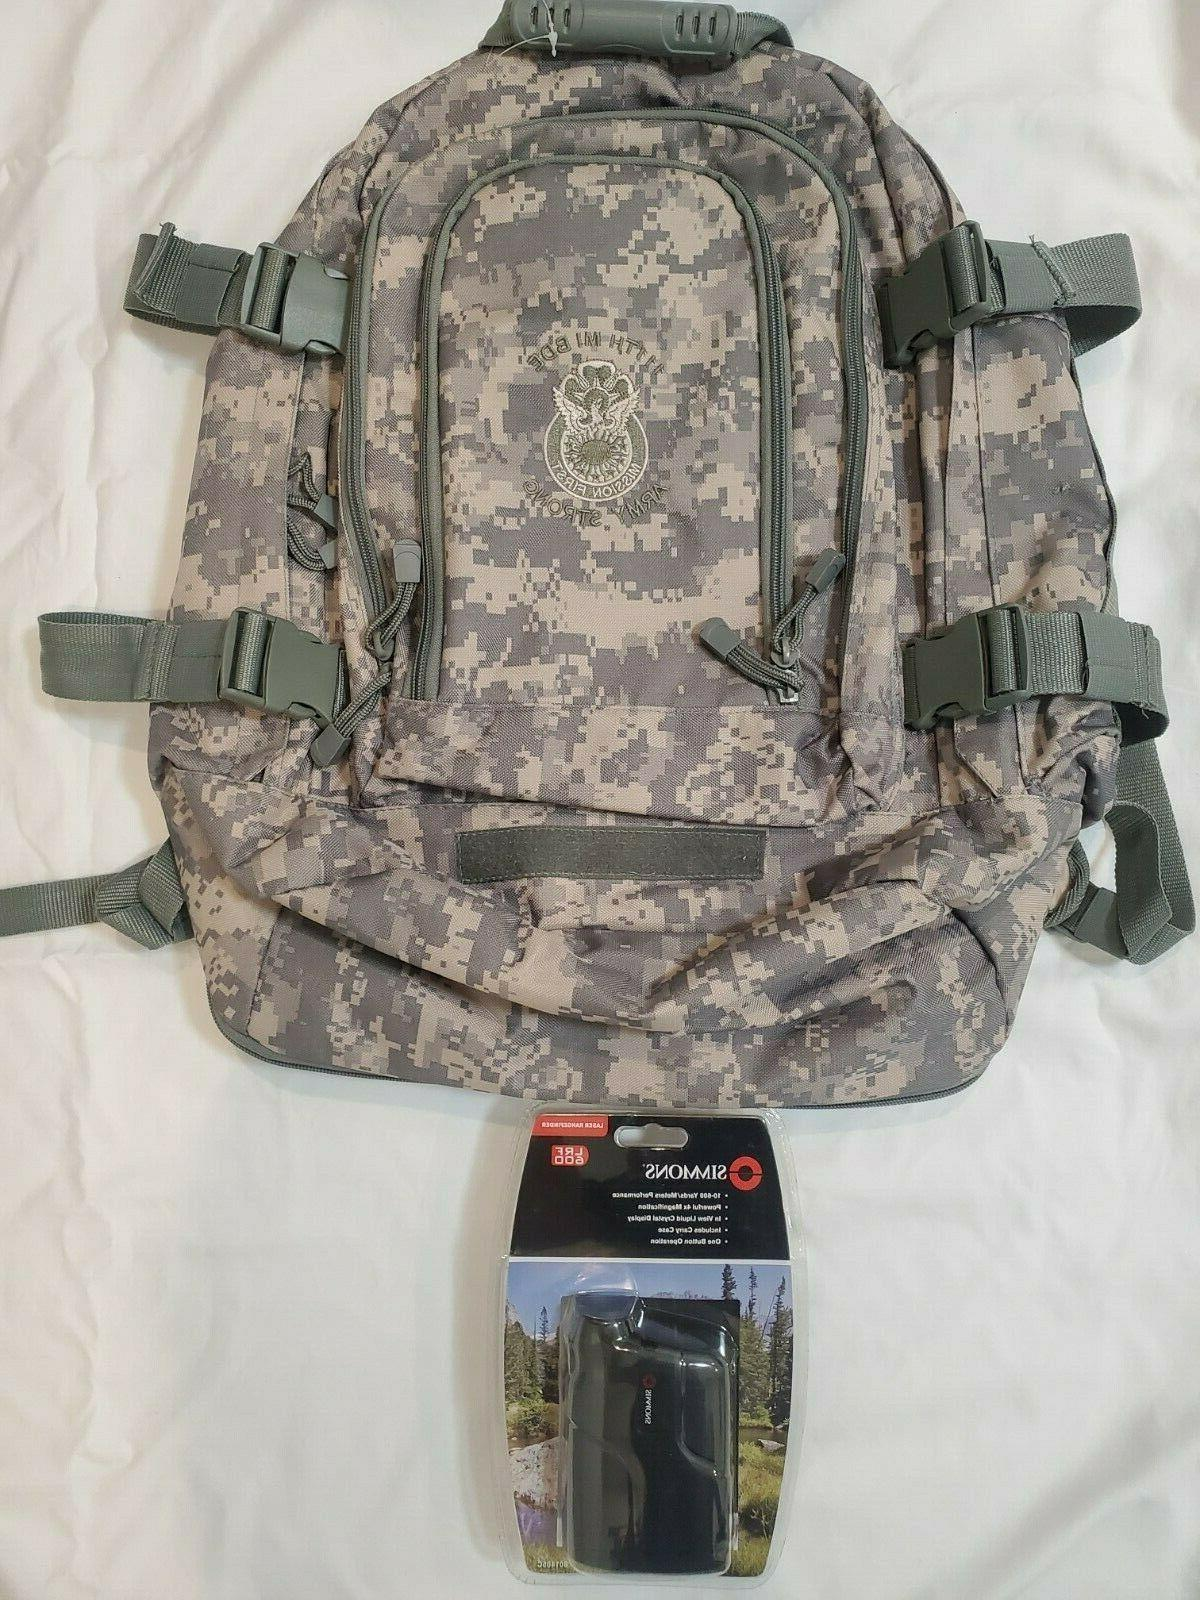 lrf 600 rangefinder backpack 111th mi bde